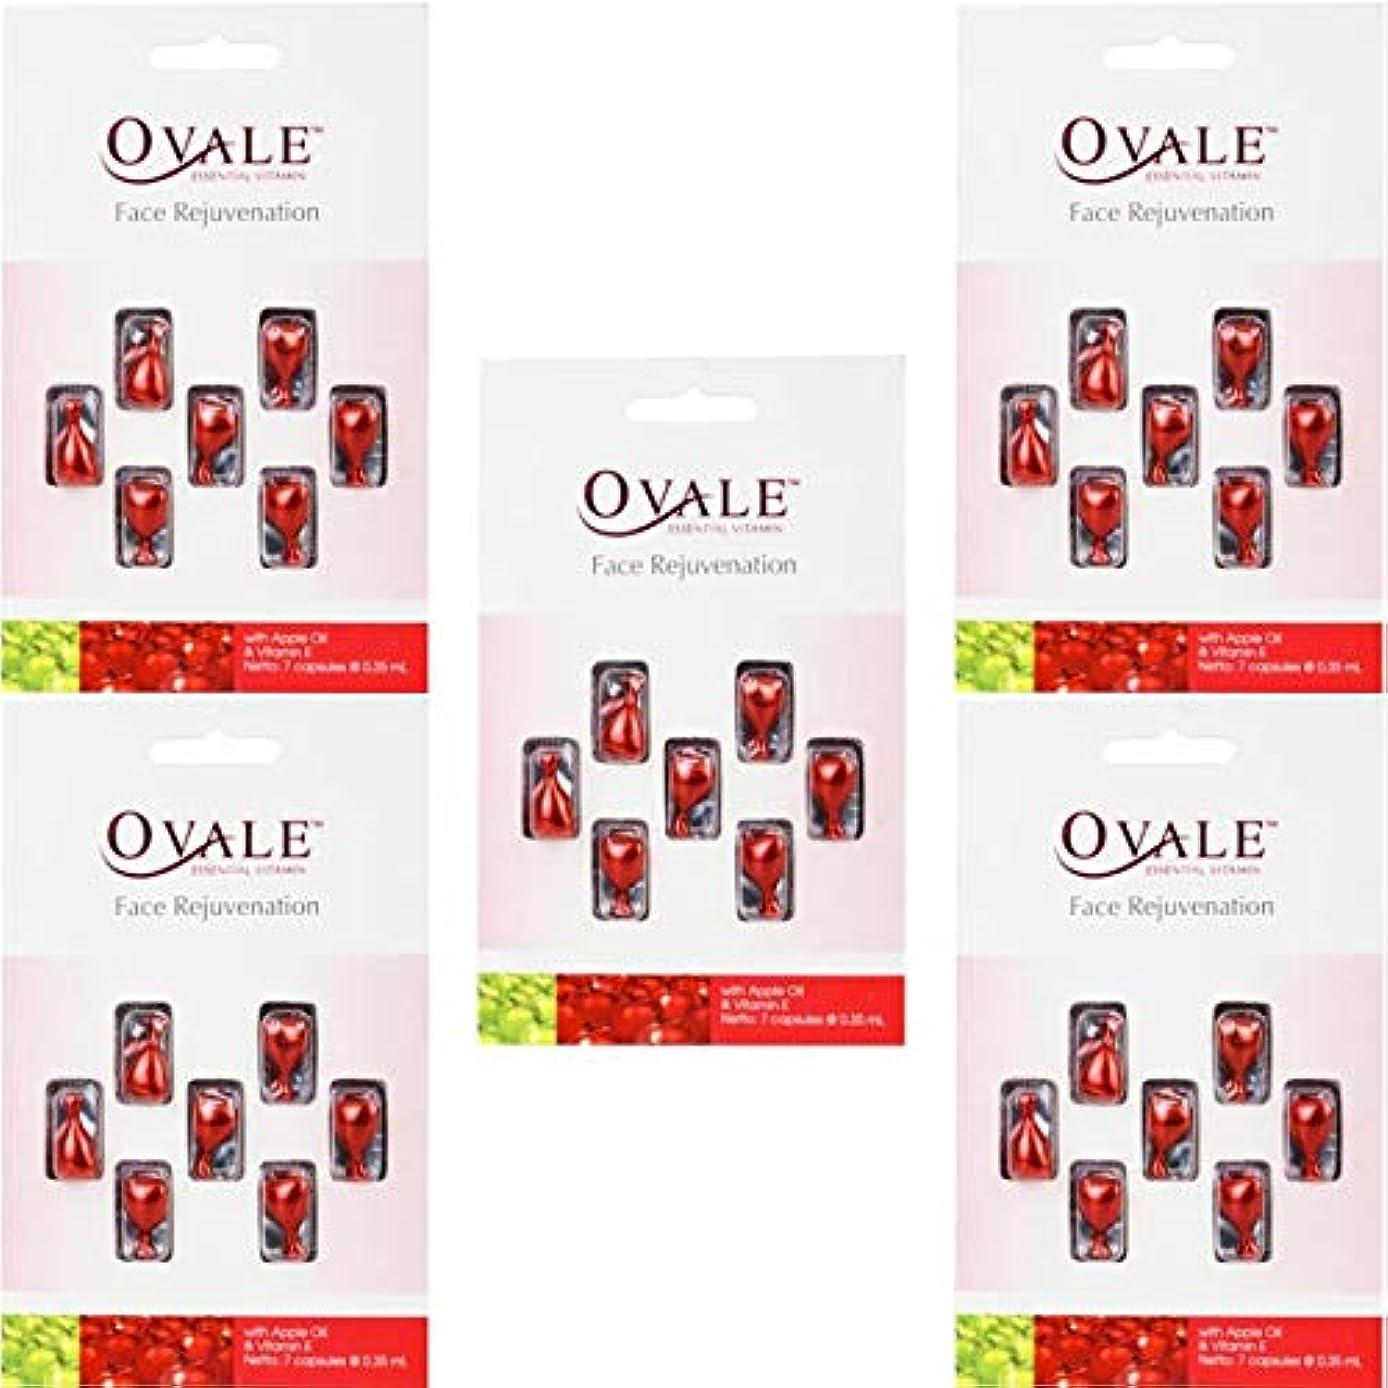 上下するふざけたキャプチャーOvale オーバル フェイシャル美容液 essential vitamin エッセンシャルビタミン 7粒入シート×5枚セット アップル [海外直送品]